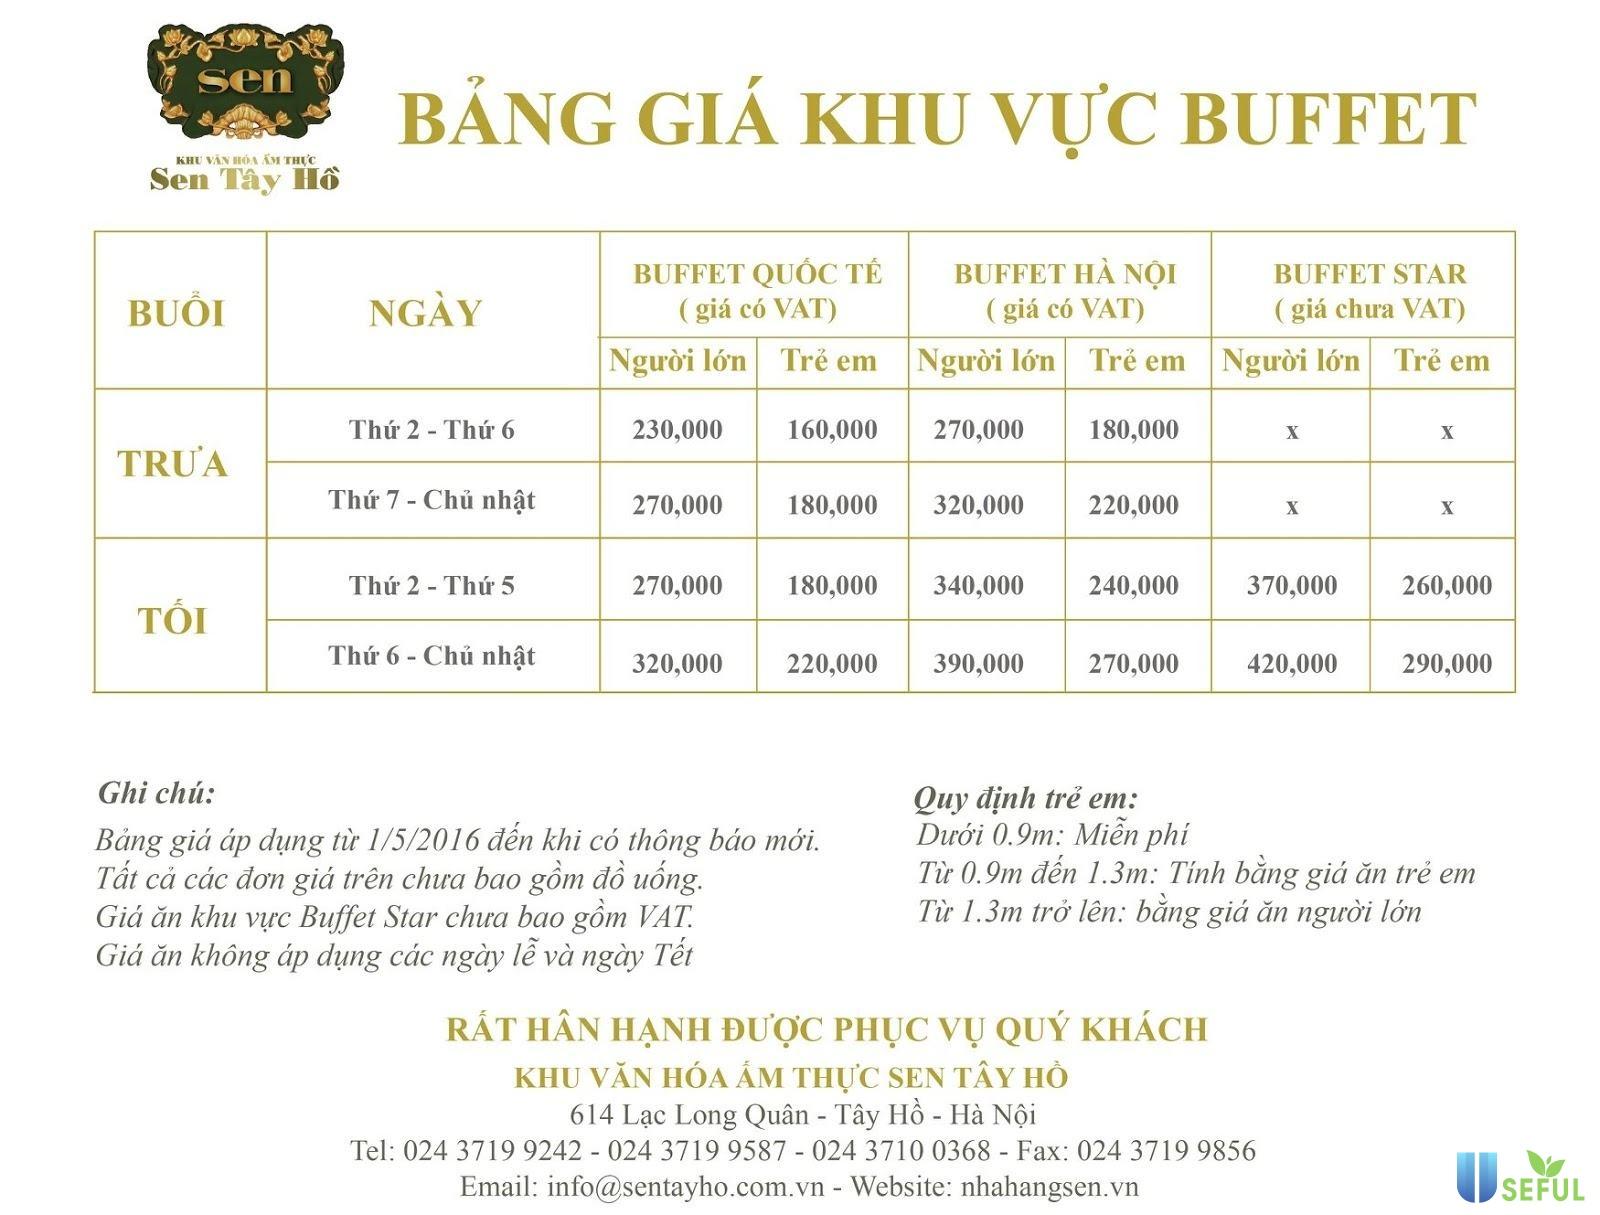 Bảng giá Nhà hàng Buffet Sen Tây Hồ nổi tiếng ở Hà Nội